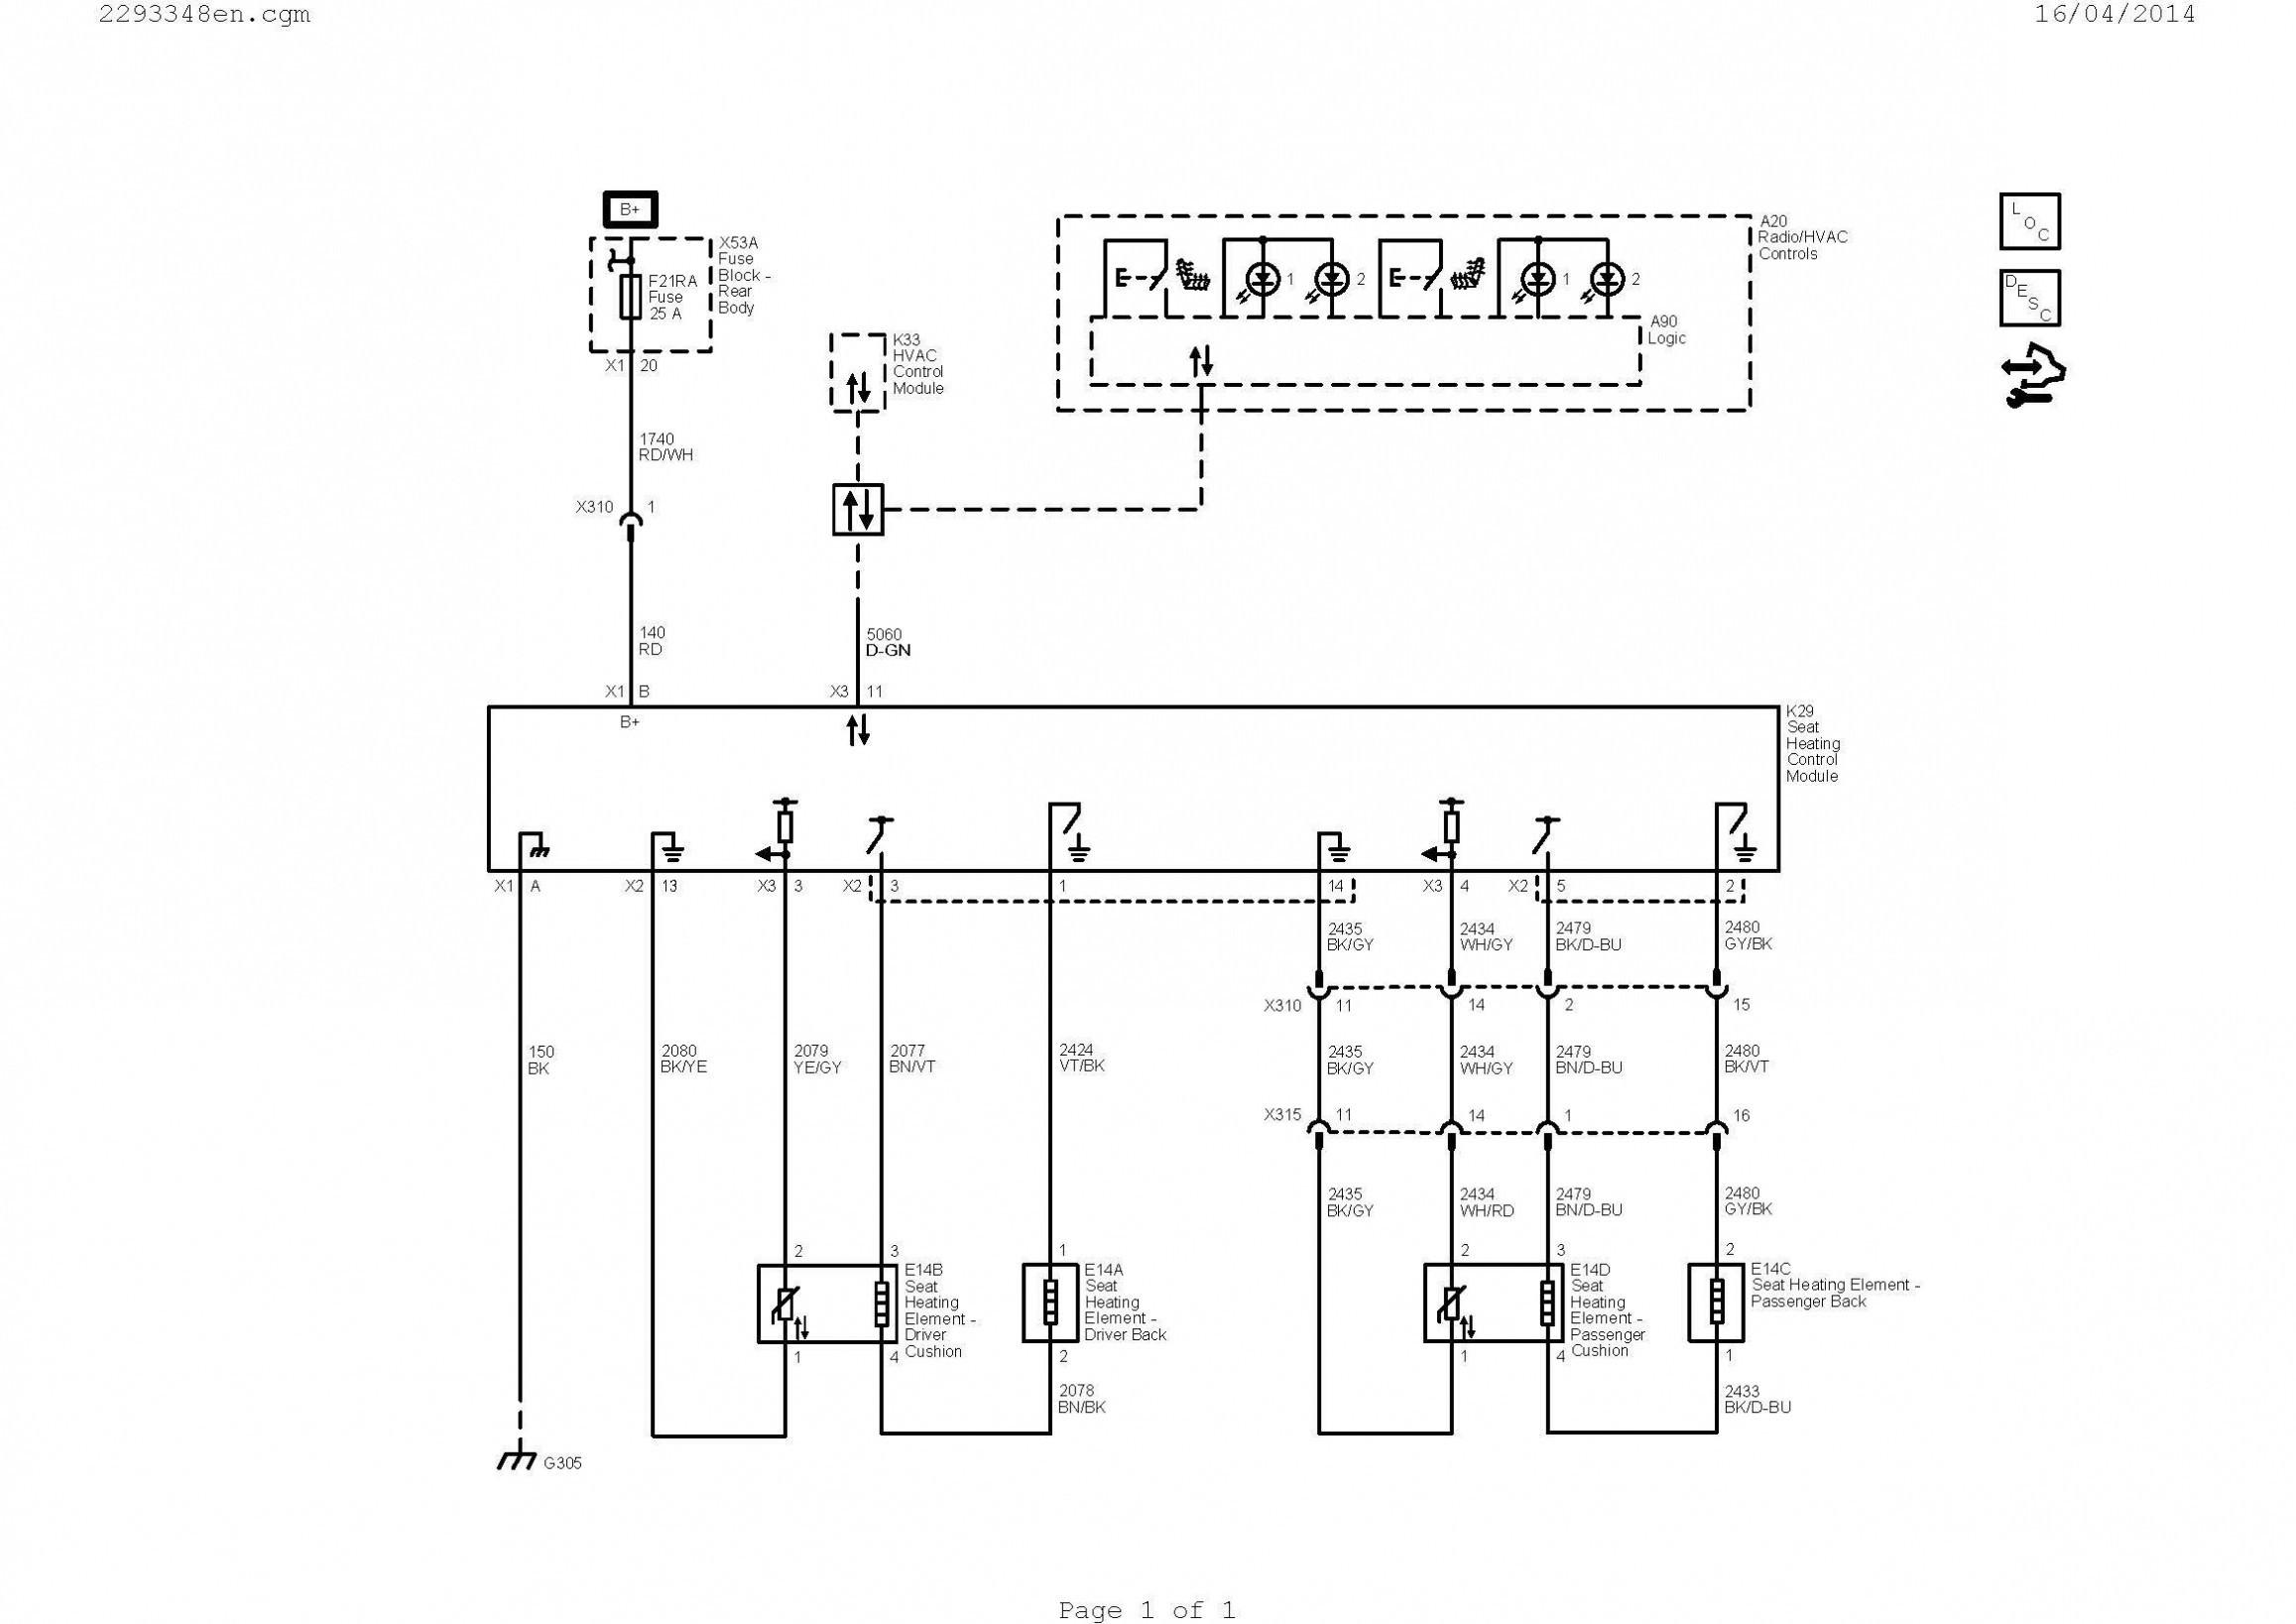 97 Honda Accord Engine Diagram C265c Obd1 Vtec Wiring Diagram Of 97 Honda Accord Engine Diagram 99 Civic Fog Light Wiring Diagram